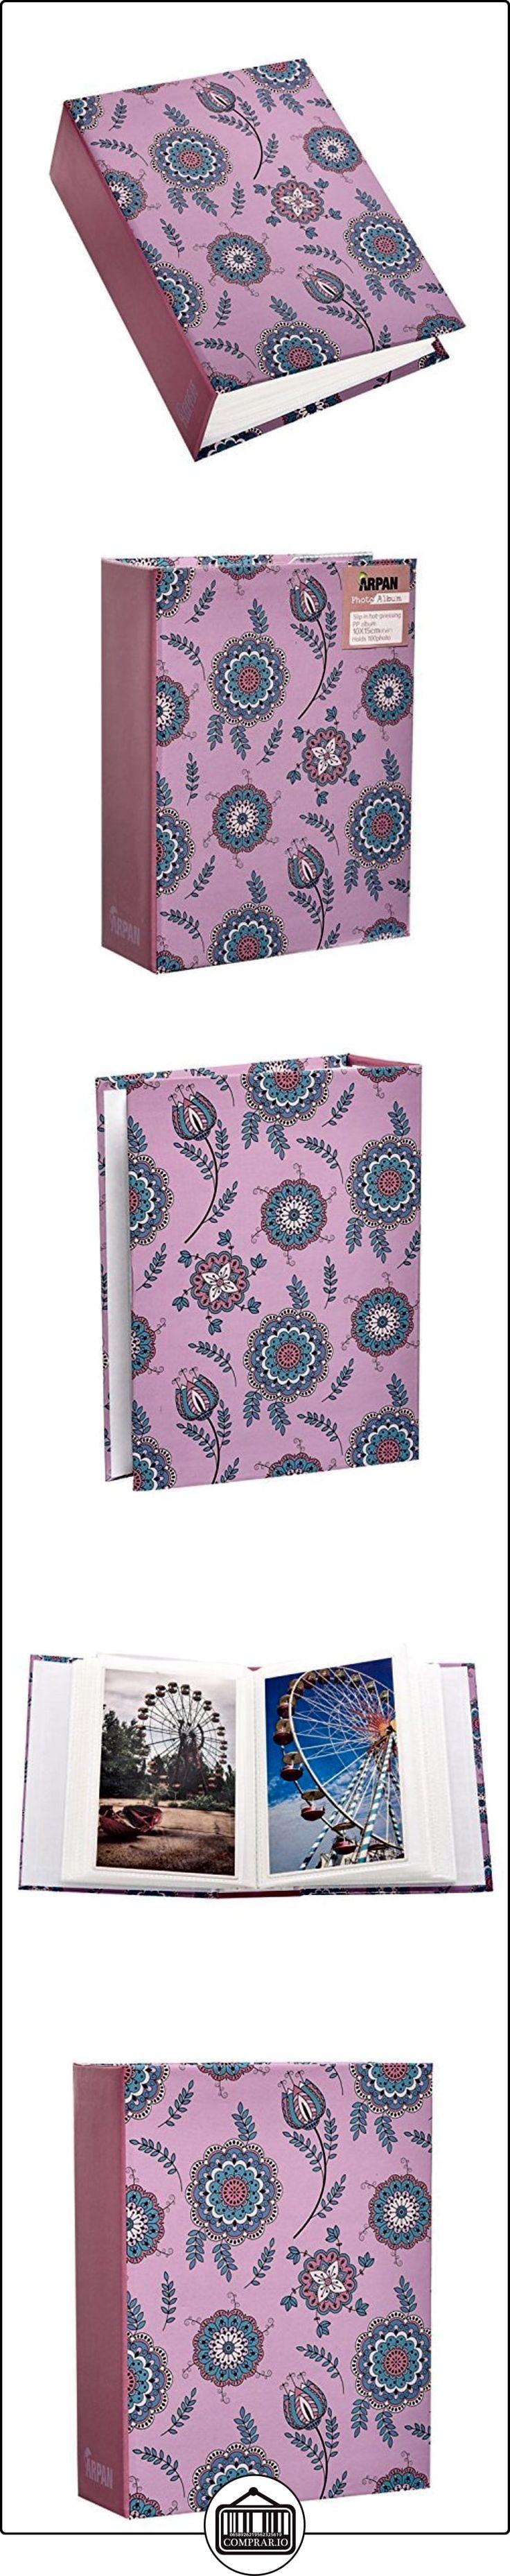 De la pequeña 6 x cm 10,16 Arpan moderno de diseño de zapatillas y de flores de color rosa de fotos en diferentes tonos álbum de fotos de bebé diseño con motivos geométricos de para niños álbum de fotos de bebé - Ranura para tarjetas de 100 para fotos tipo libro  ✿ Regalos para recién nacidos - Bebes ✿ ▬► Ver oferta: http://comprar.io/goto/B015J9QGMW